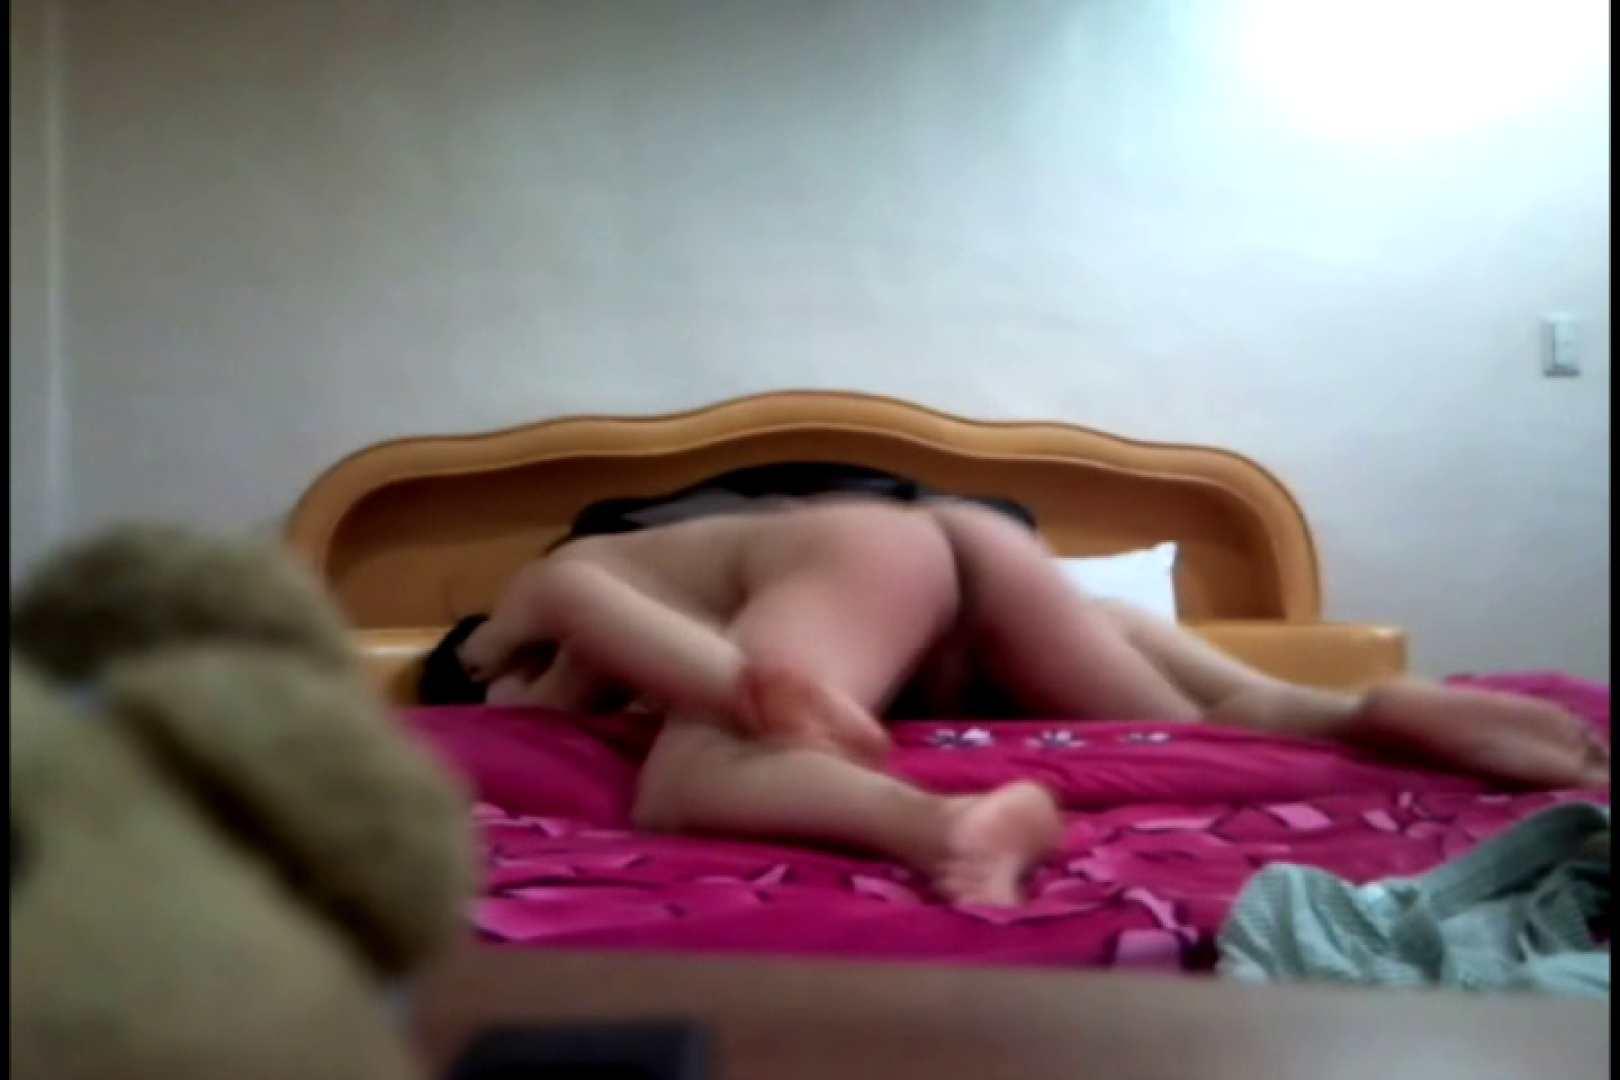 コリアン素人流出シリーズ ラブホテル隠し撮り ラブホテル隠し撮り おめこ無修正画像 78pic 15